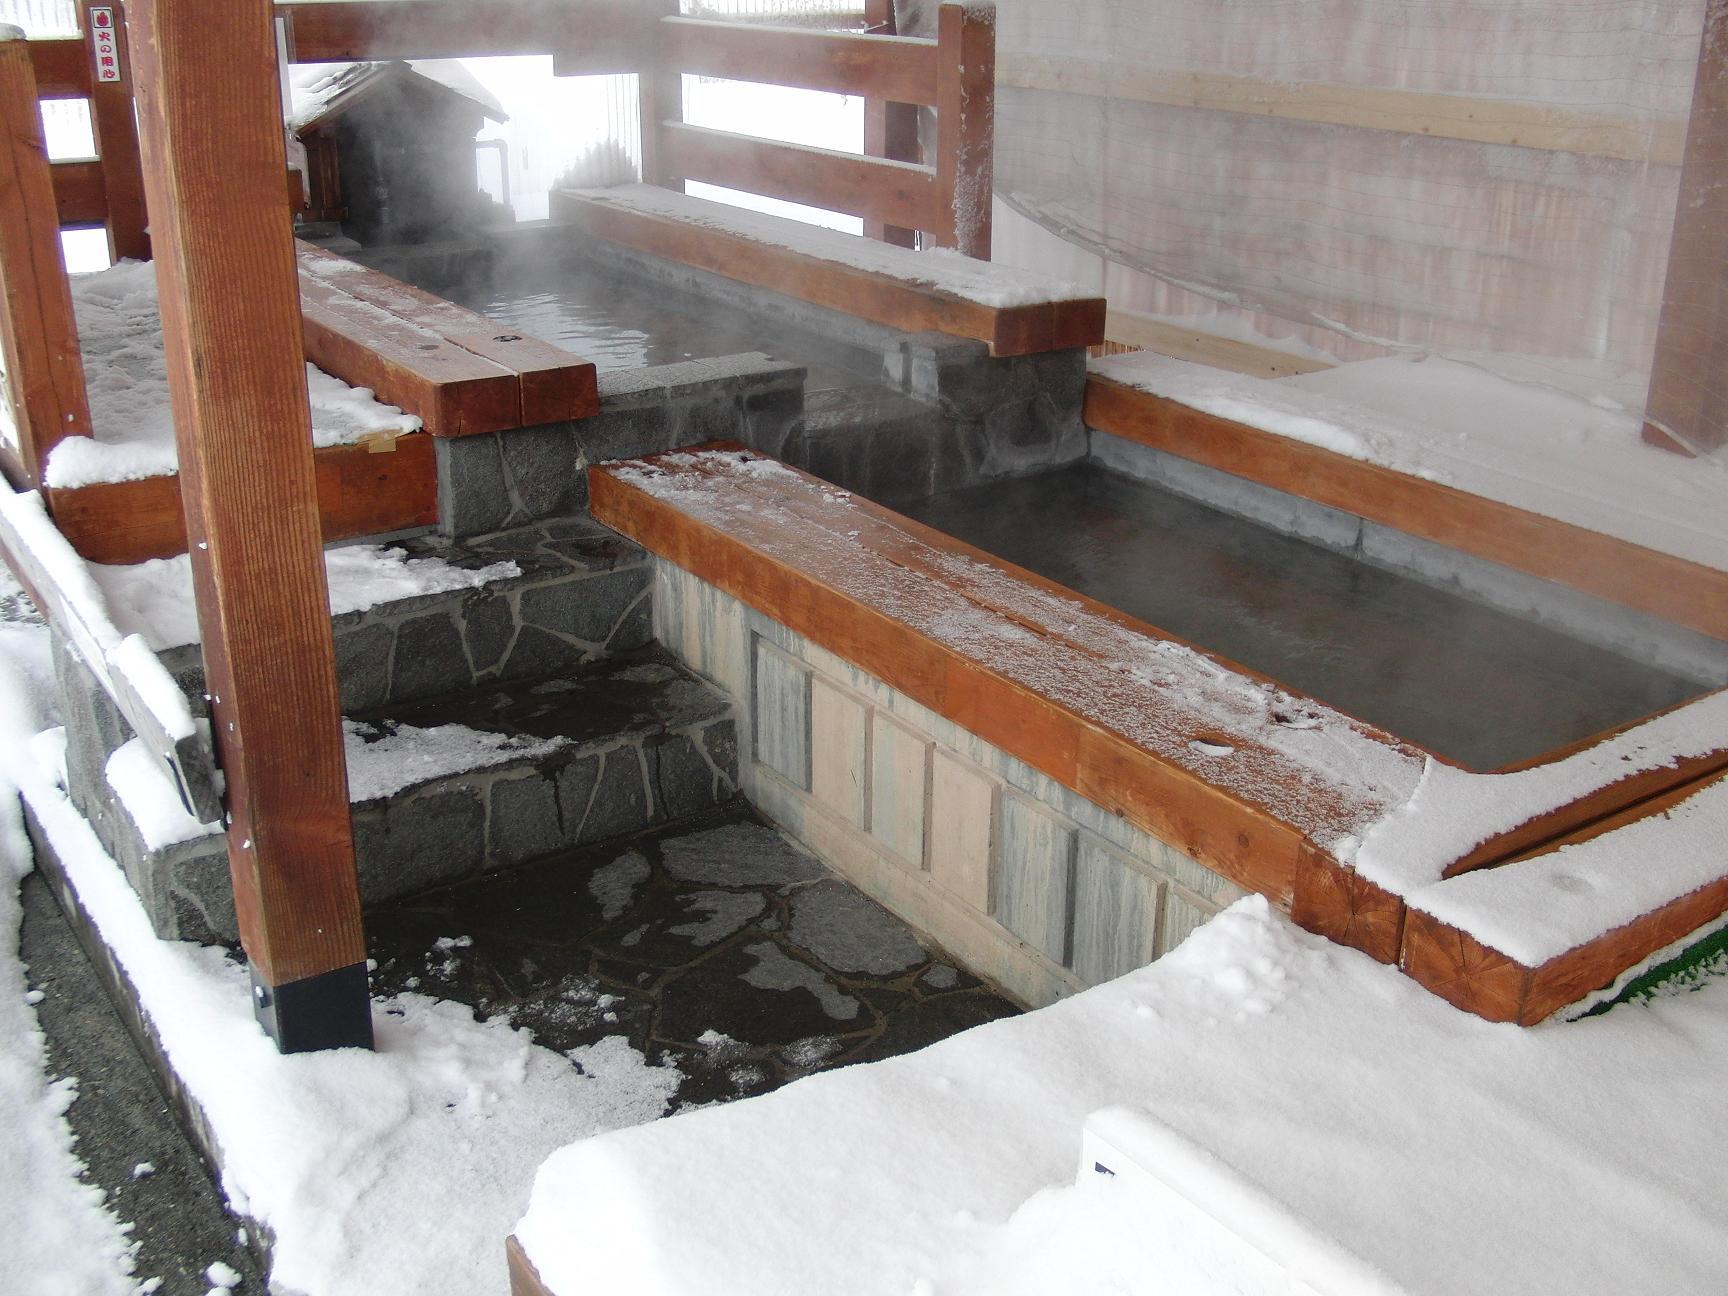 白馬と諏訪旅行2009年12月17日から20日 152